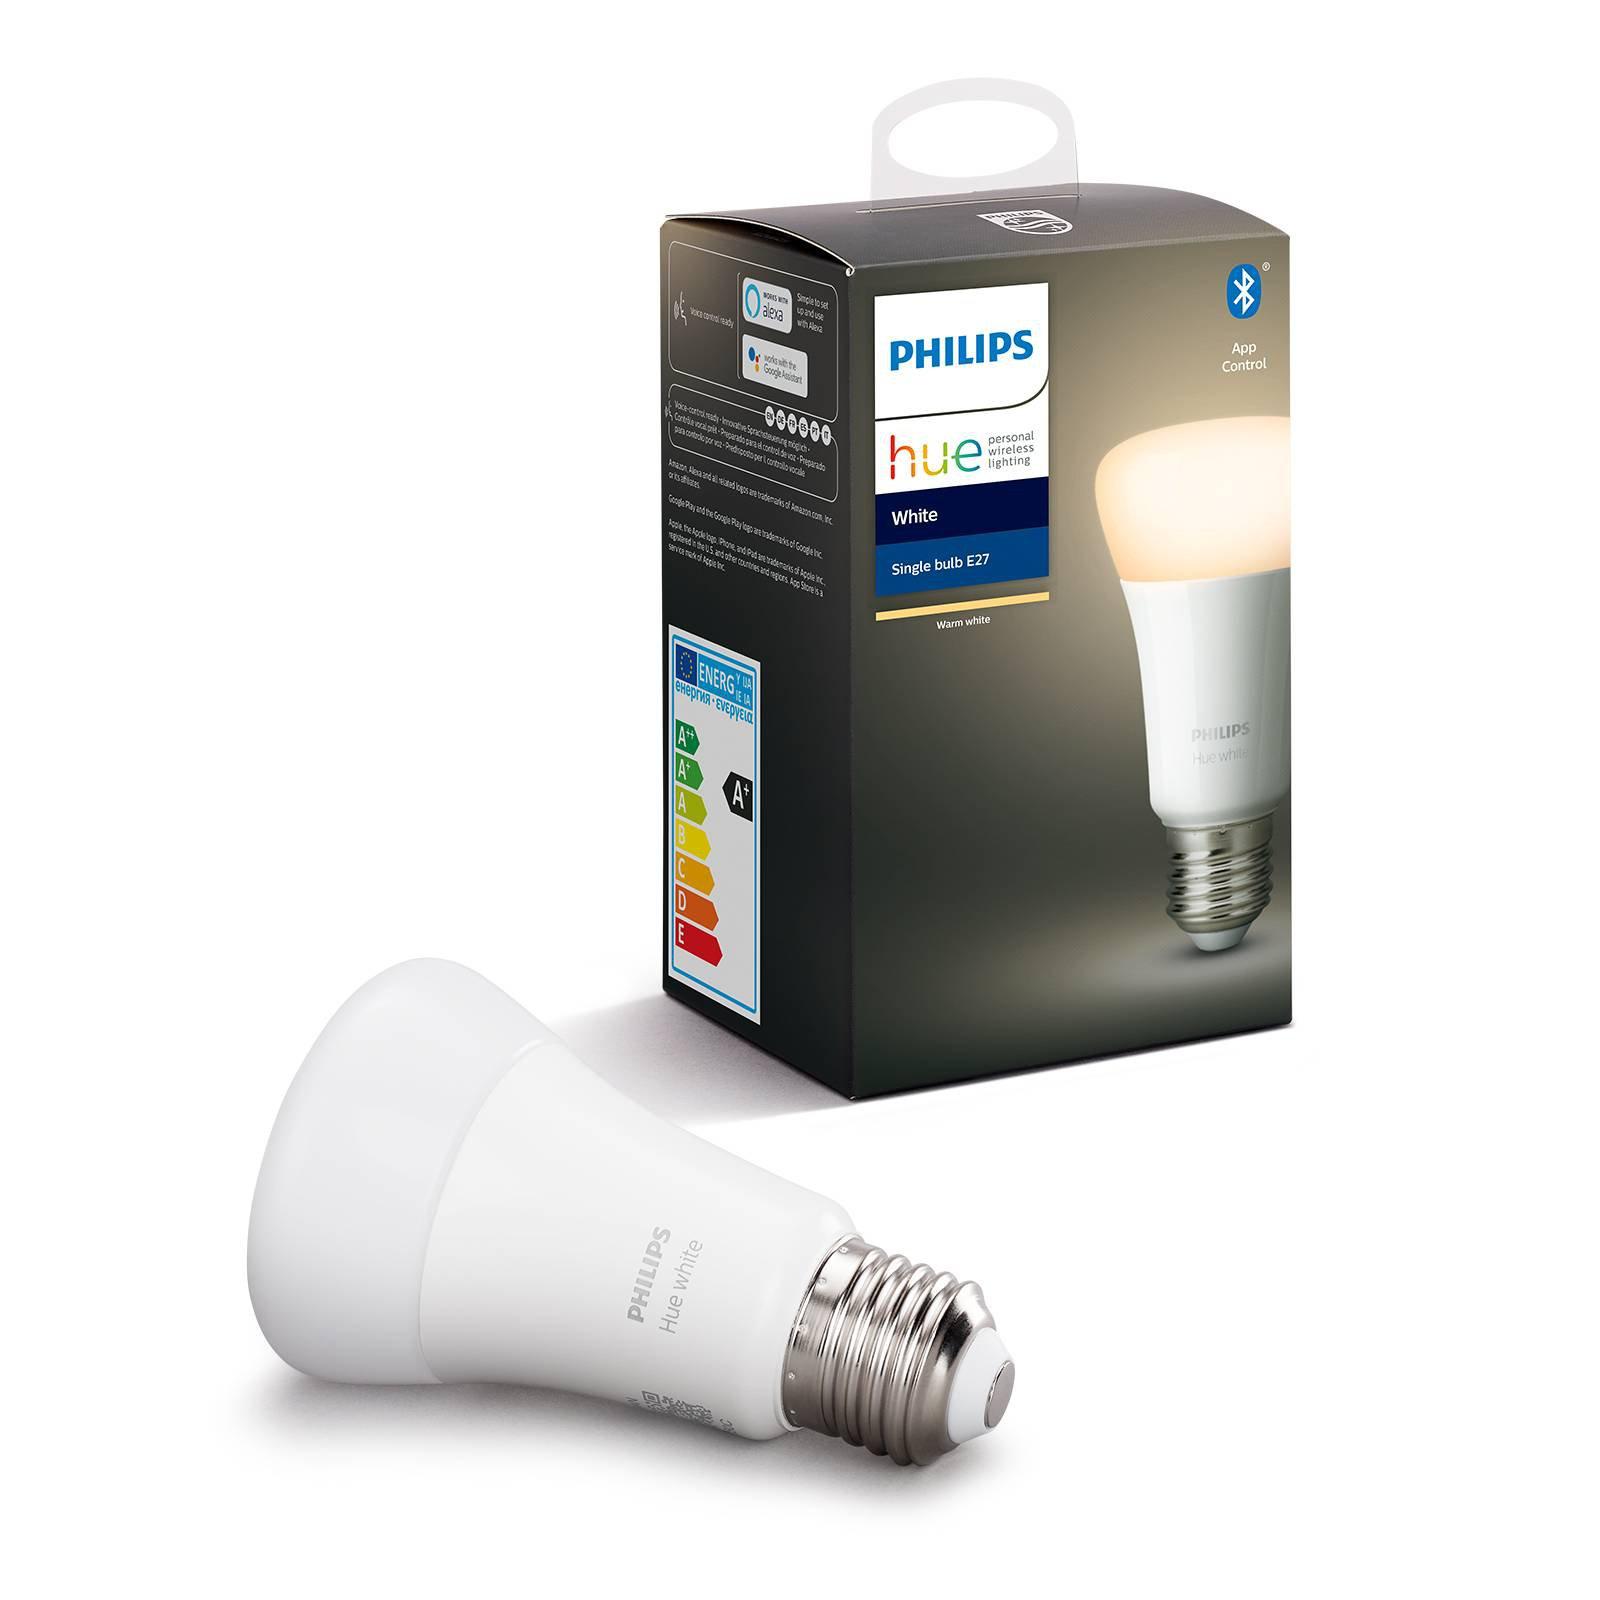 Philips Hue White 9 W E27 LED-pære